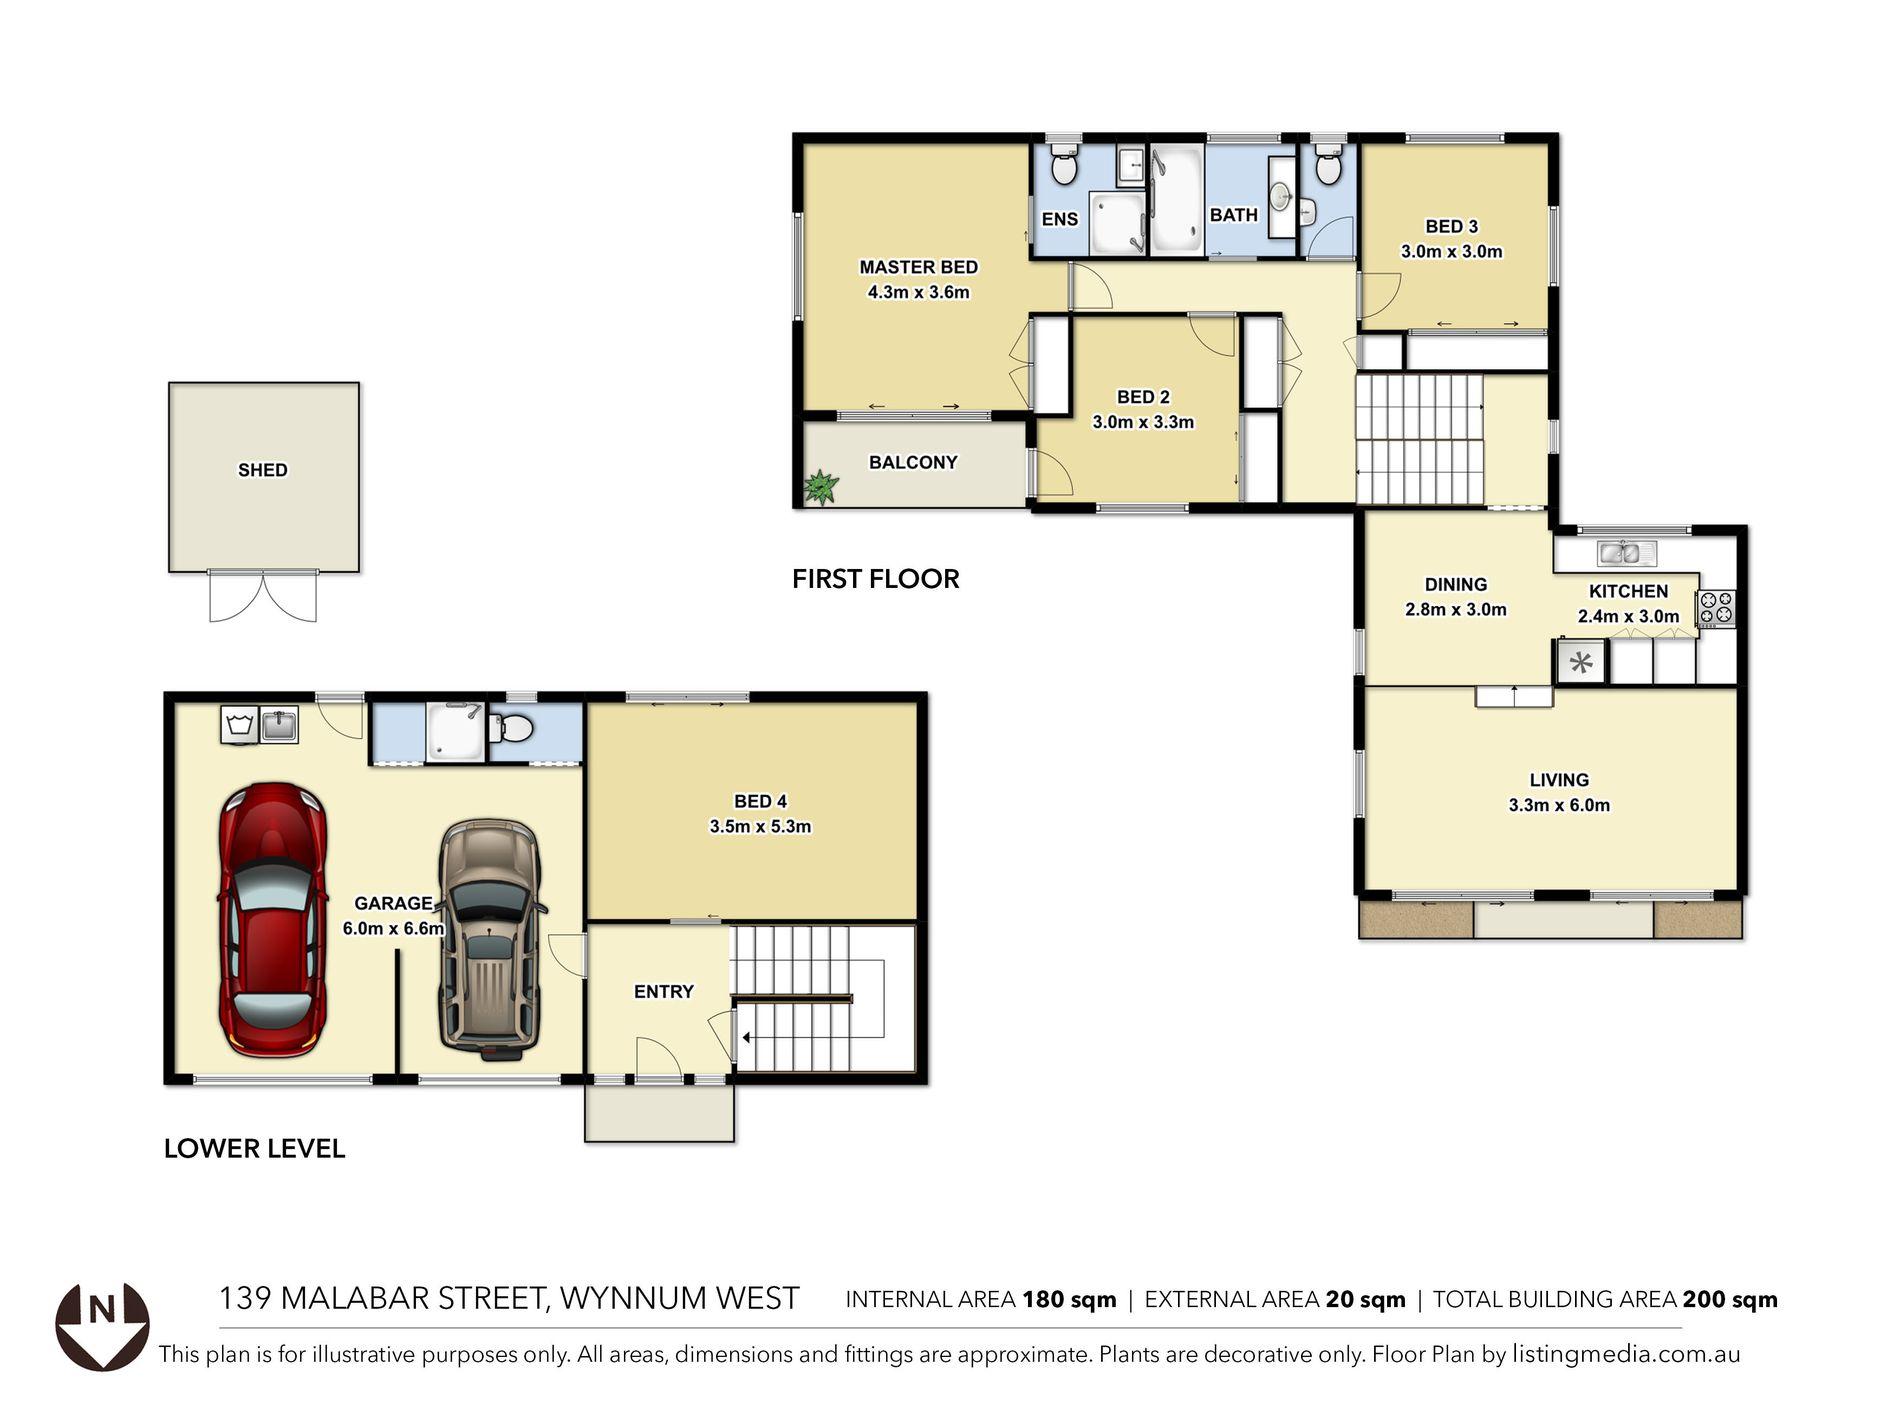 139 Malabar Street, Wynnum West